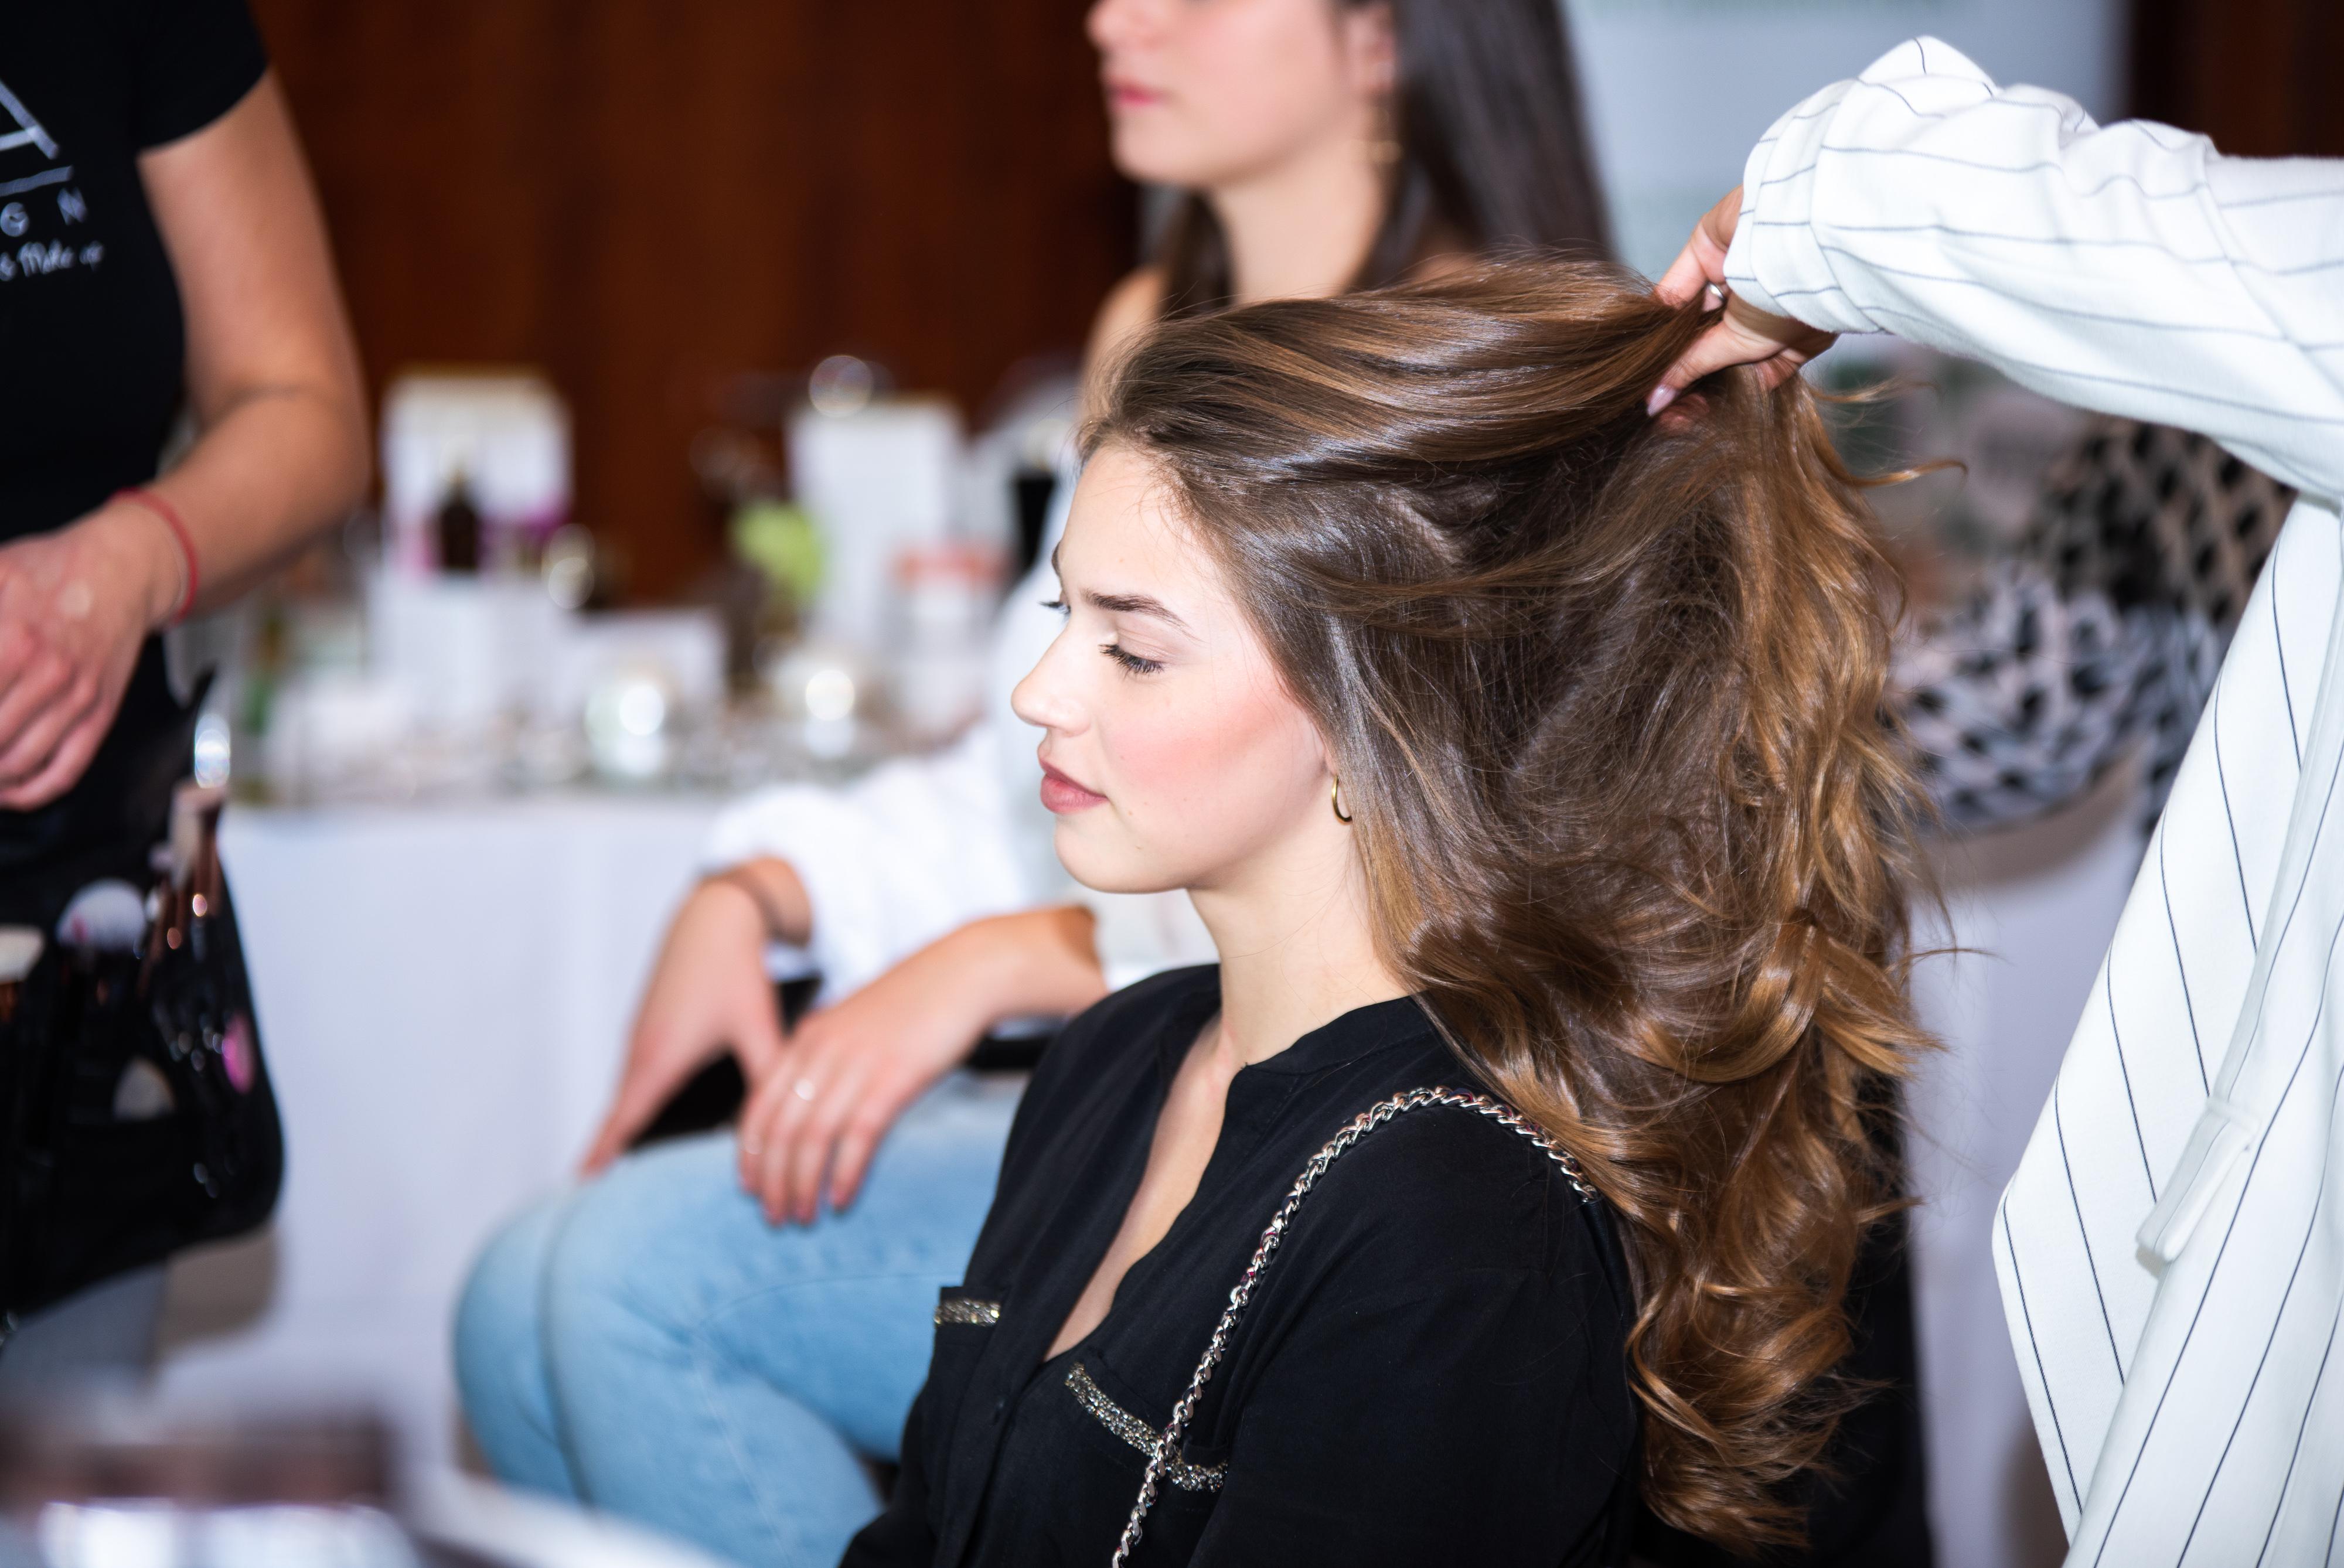 Networking Deluxe by Mediadeluxe! Die Fashiondeluxxe Style Party - Edition: Business bot den Business Women in München eine stilvolle Plattform für's Netzwerken - Hair Styling